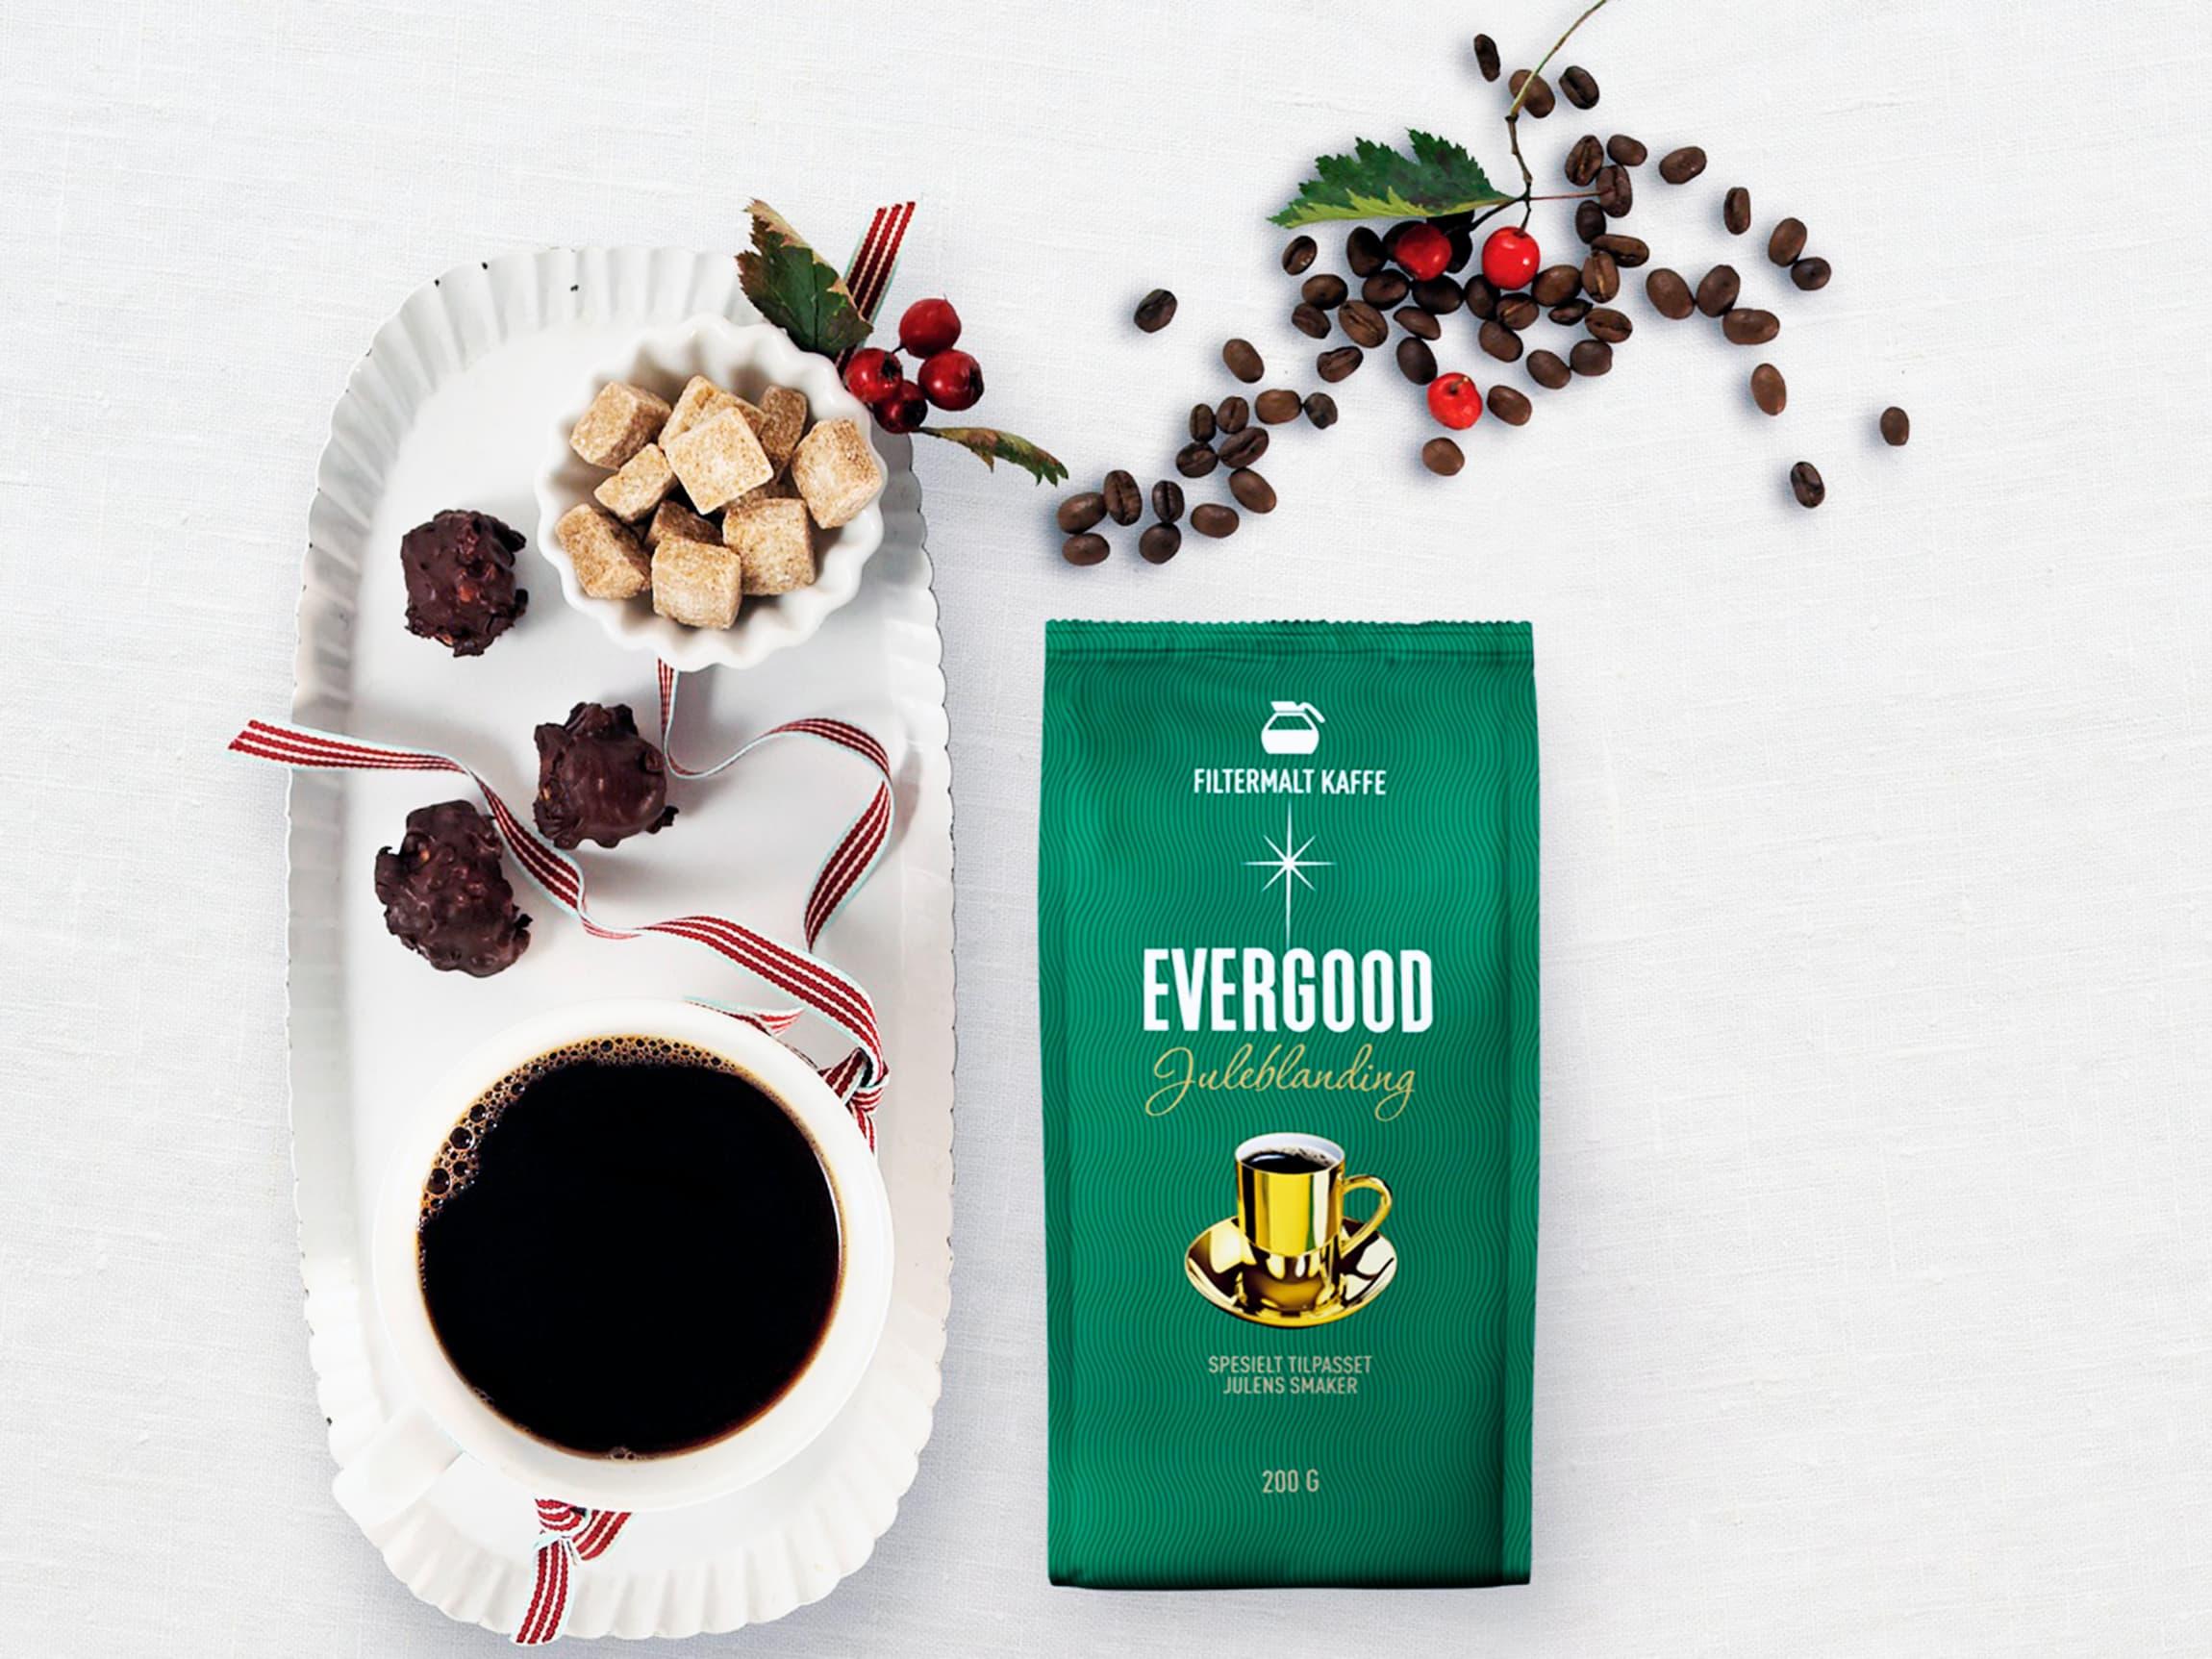 En god kopp kaffe hører til julekosen.